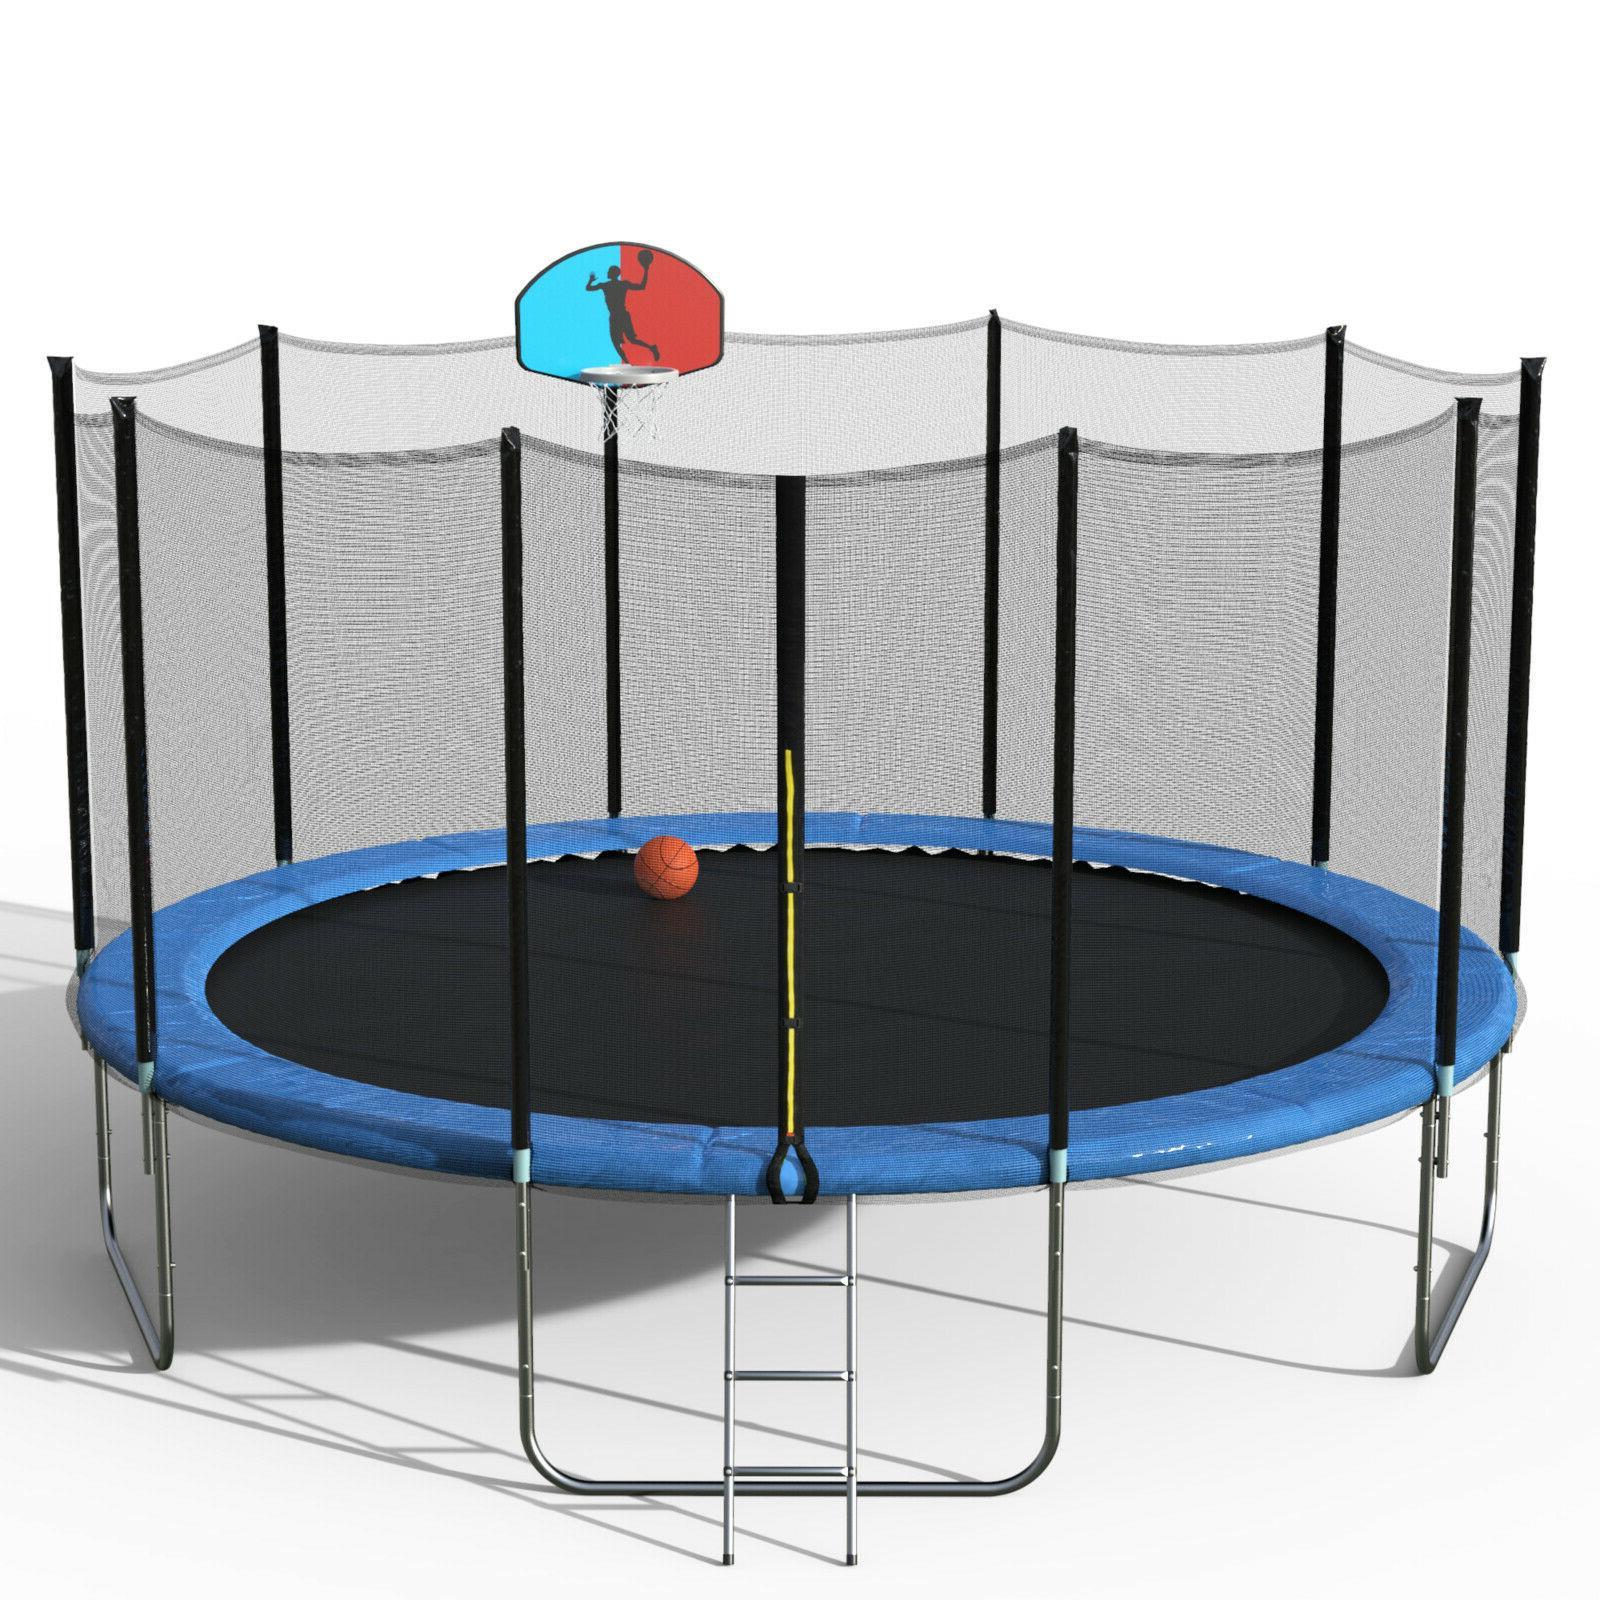 Merax 15 Trampoline with Basketball Hoop